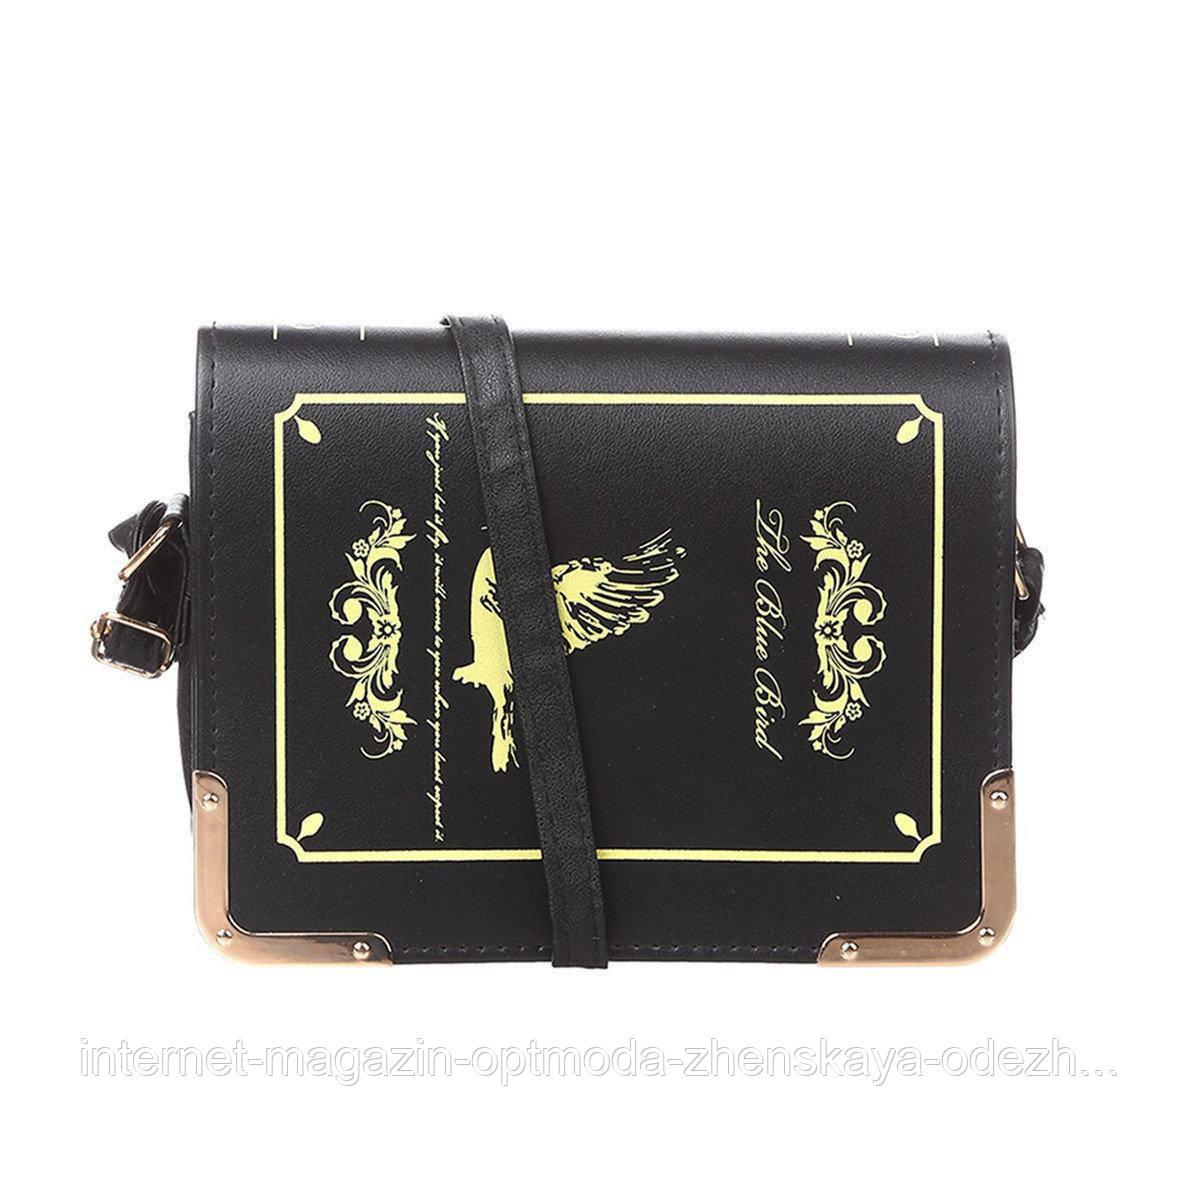 Стильна оригінальна жіноча сумочка з екошкіри